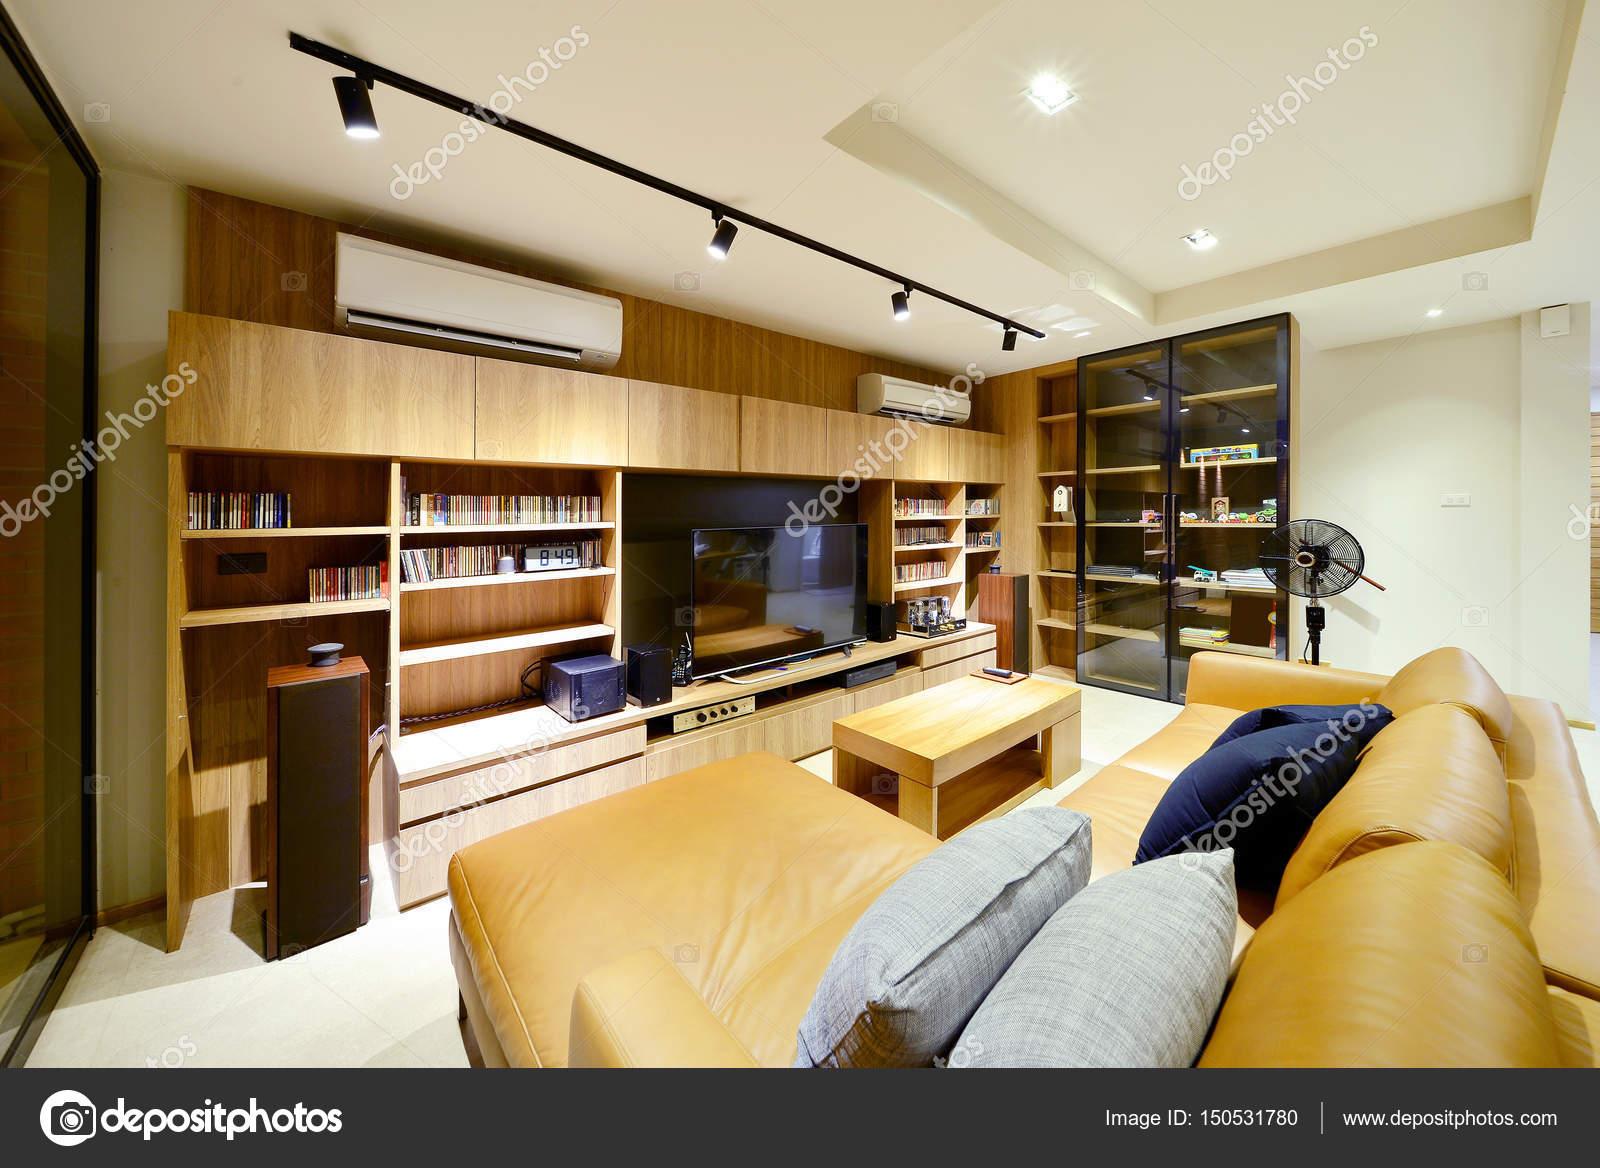 Loft Stil Luxus Modernes Wohnen Interieur Und Dekoration Interio